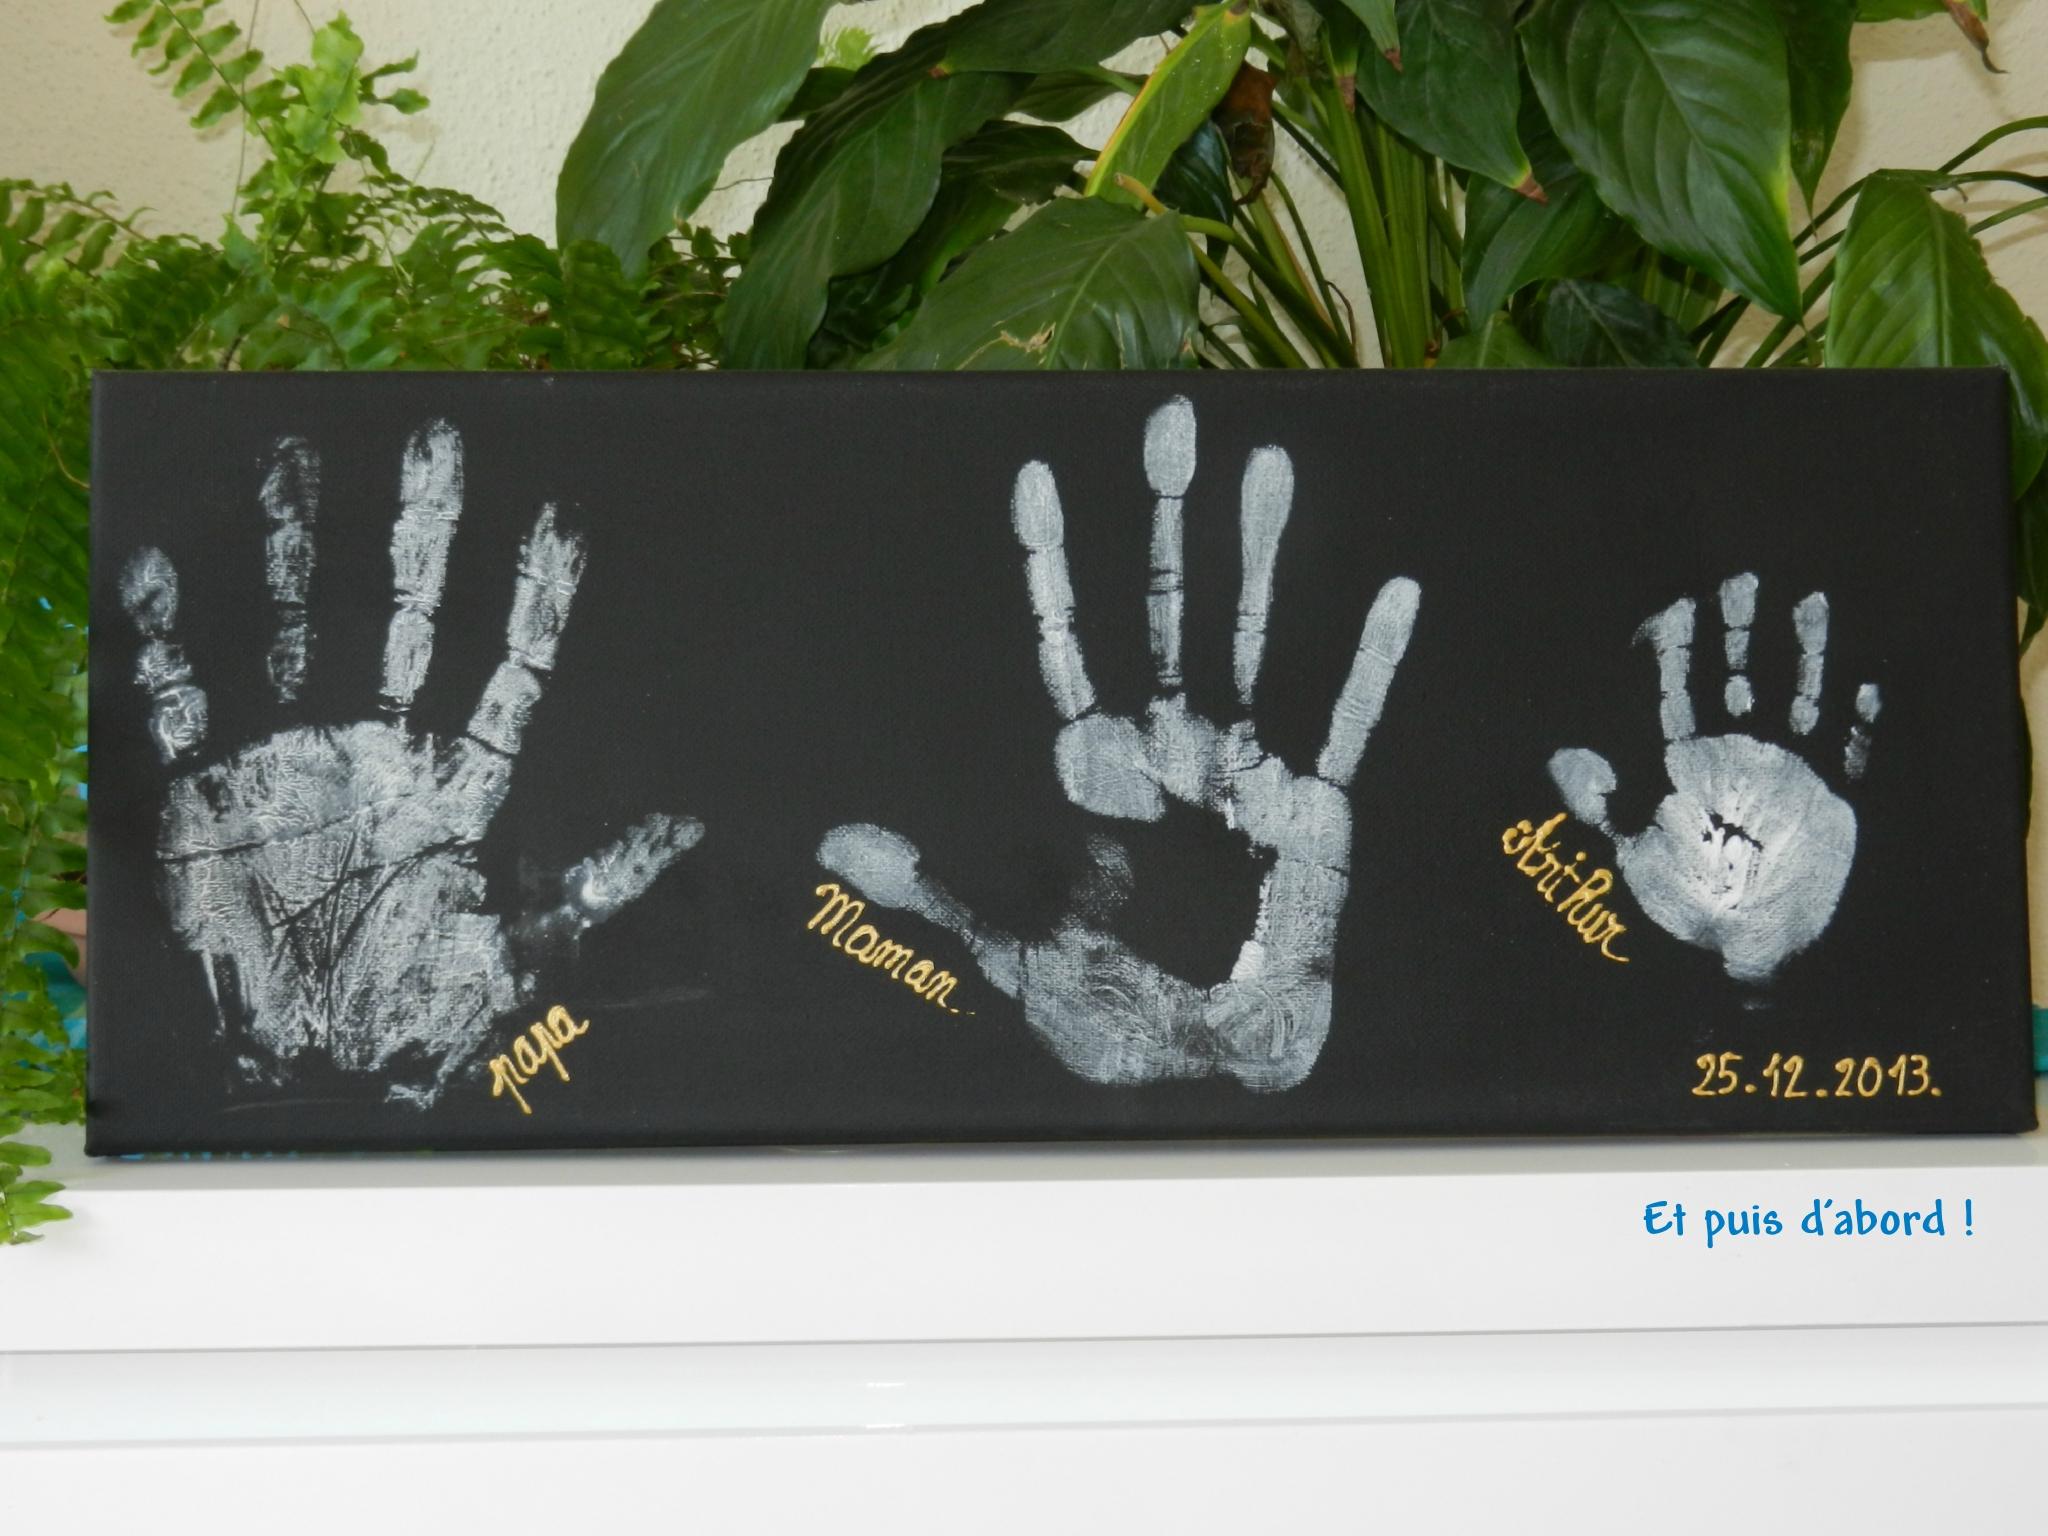 Tableau présentant trois empreintes signées Papa, Maman et Arthur. Il est daté du 25 décembre 2013